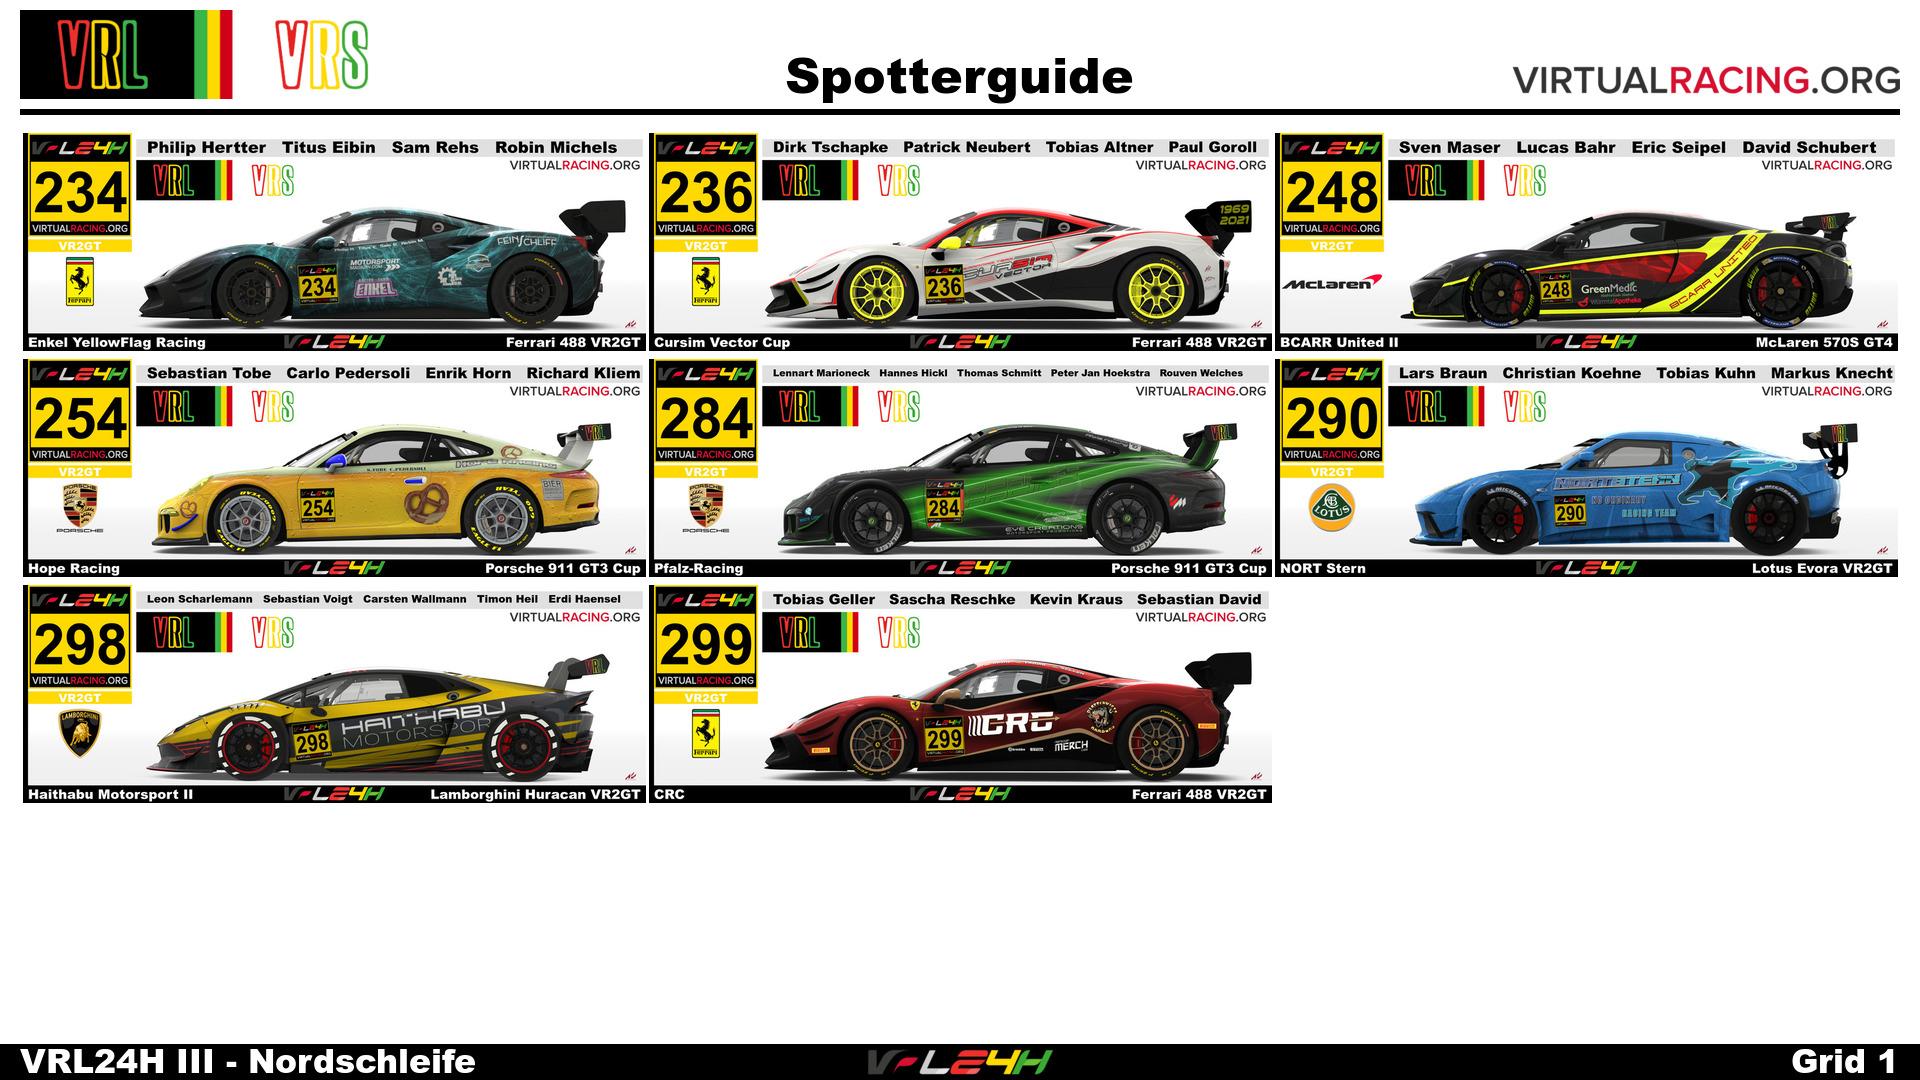 spotter_guide_04.jpg